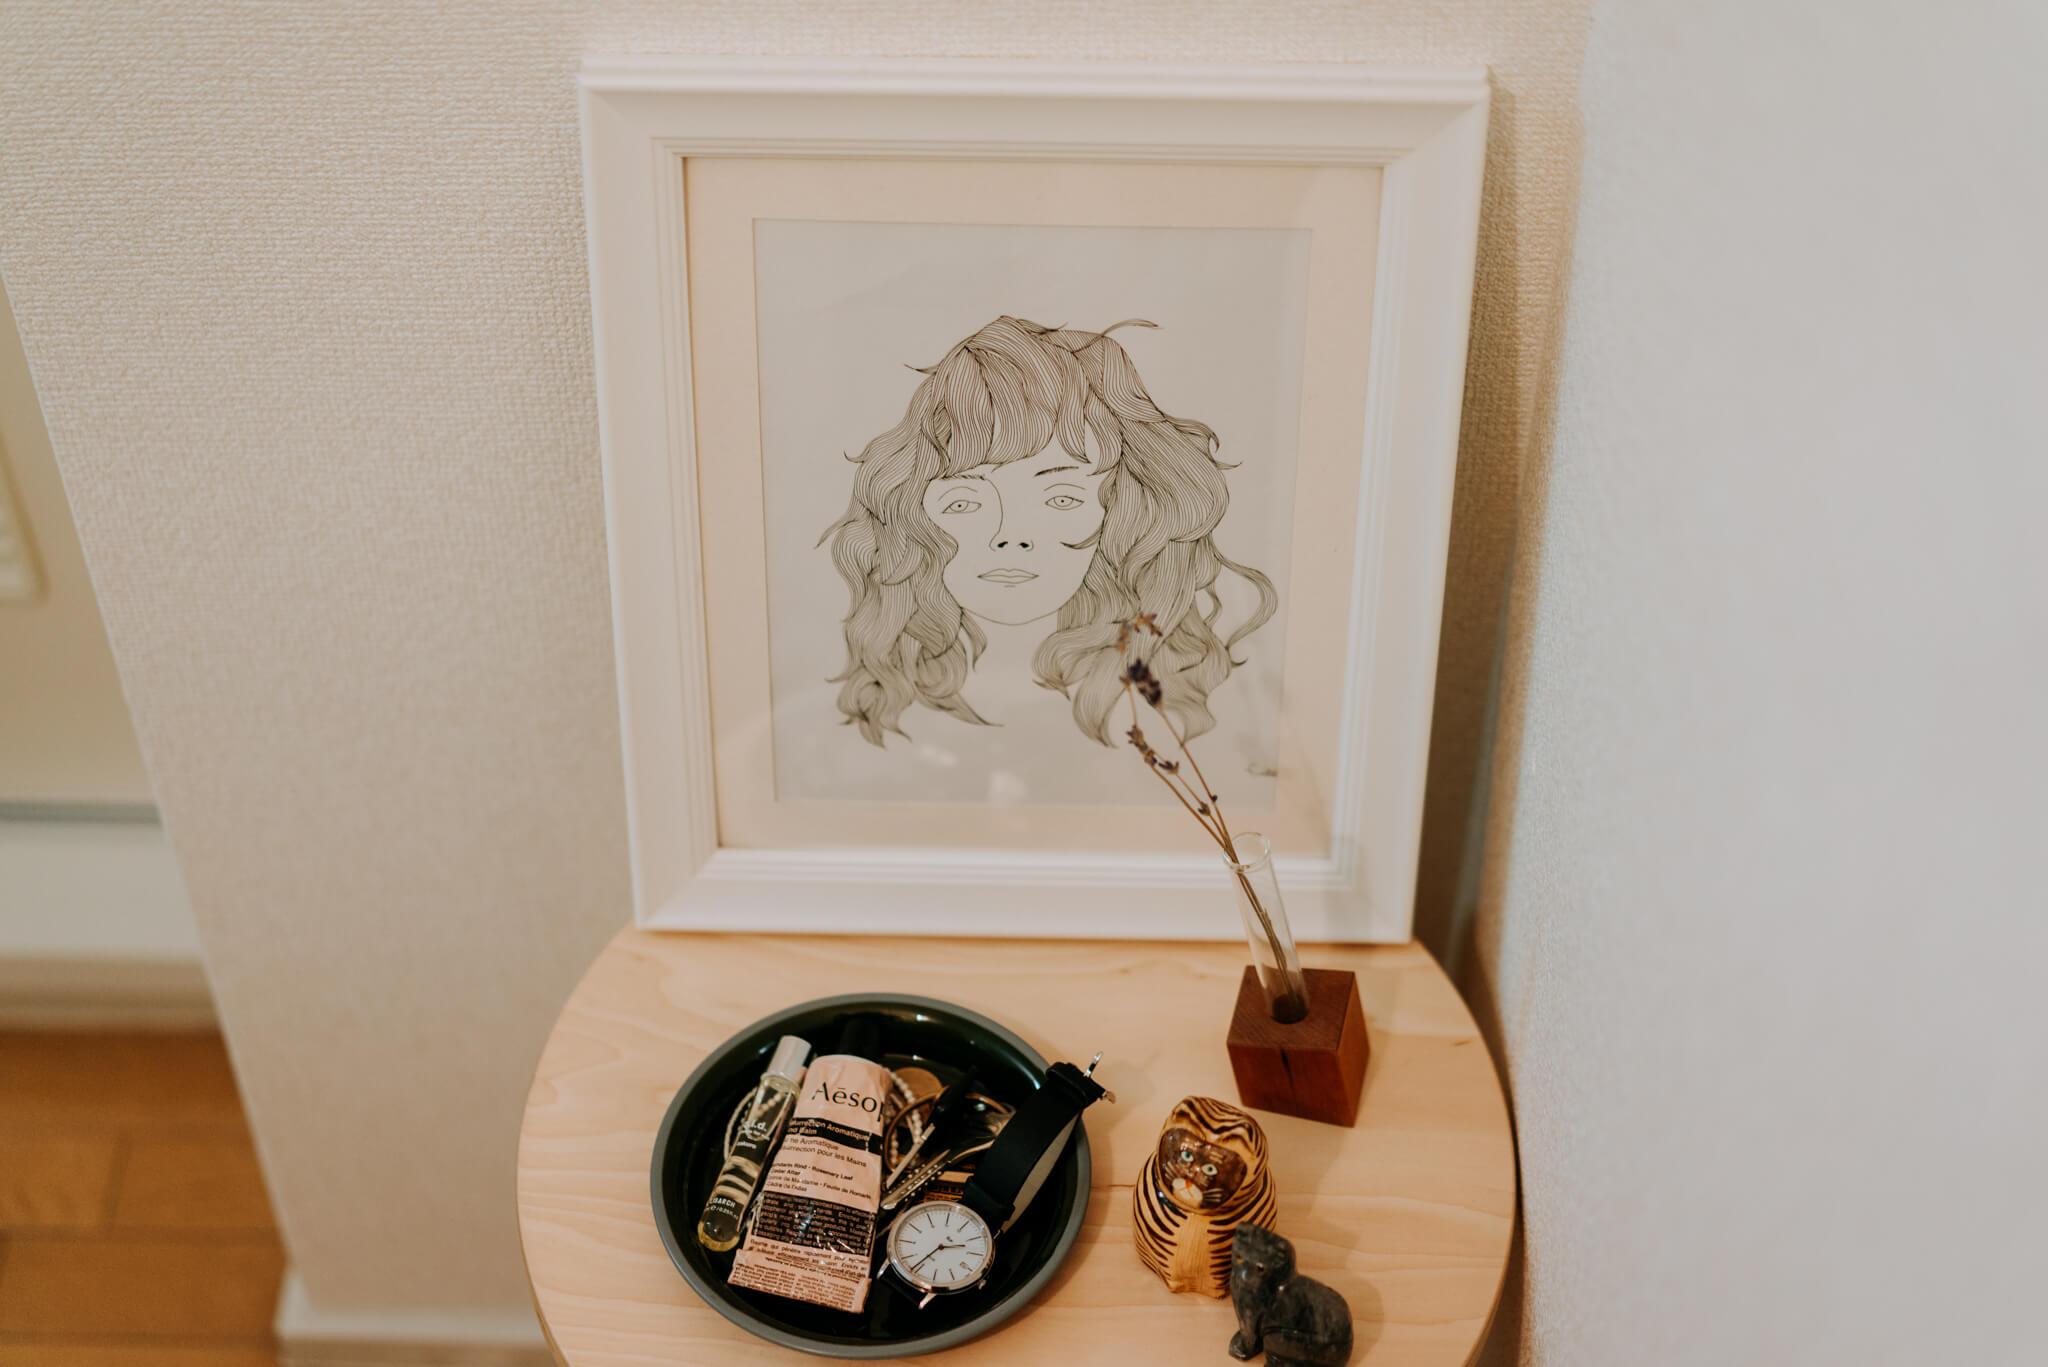 玄関にあったこちらの線画は、神山さんご自身が描かれたもの。